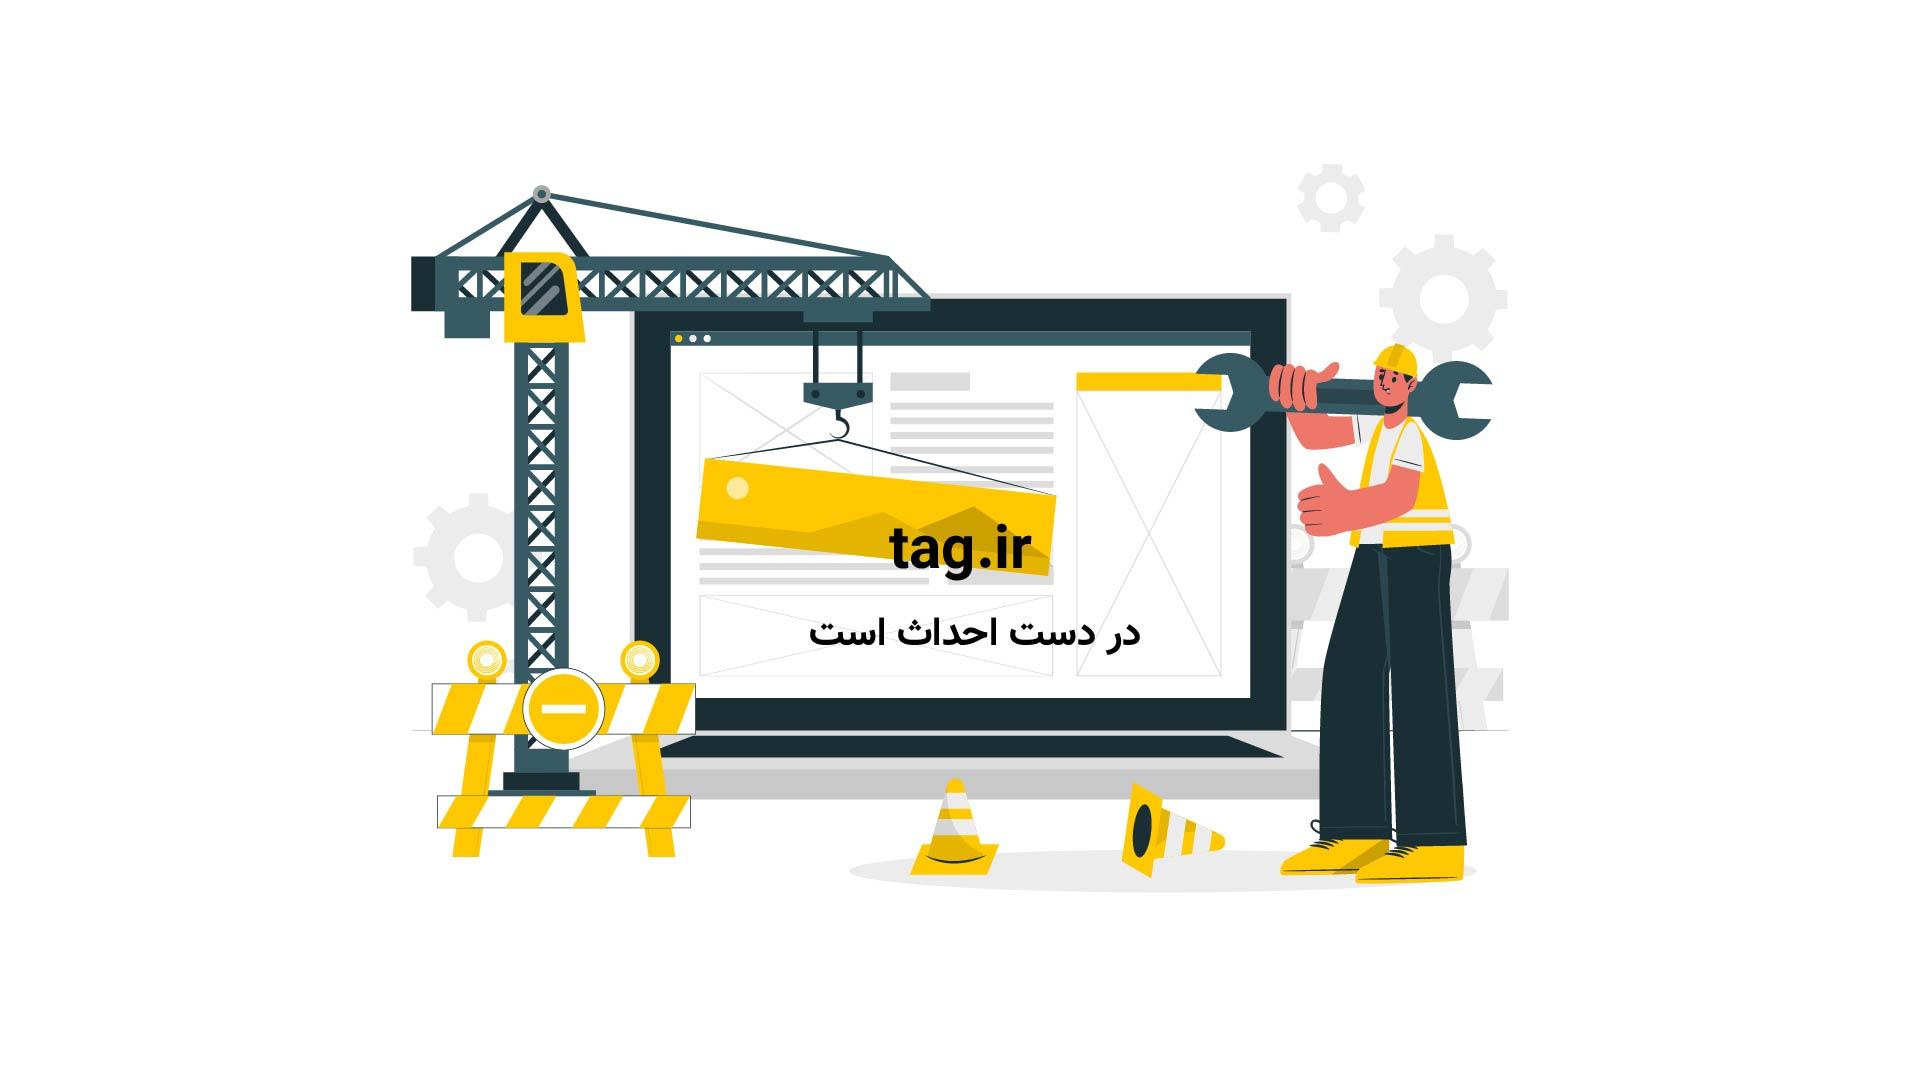 تخم مرغ شب عید | تگ